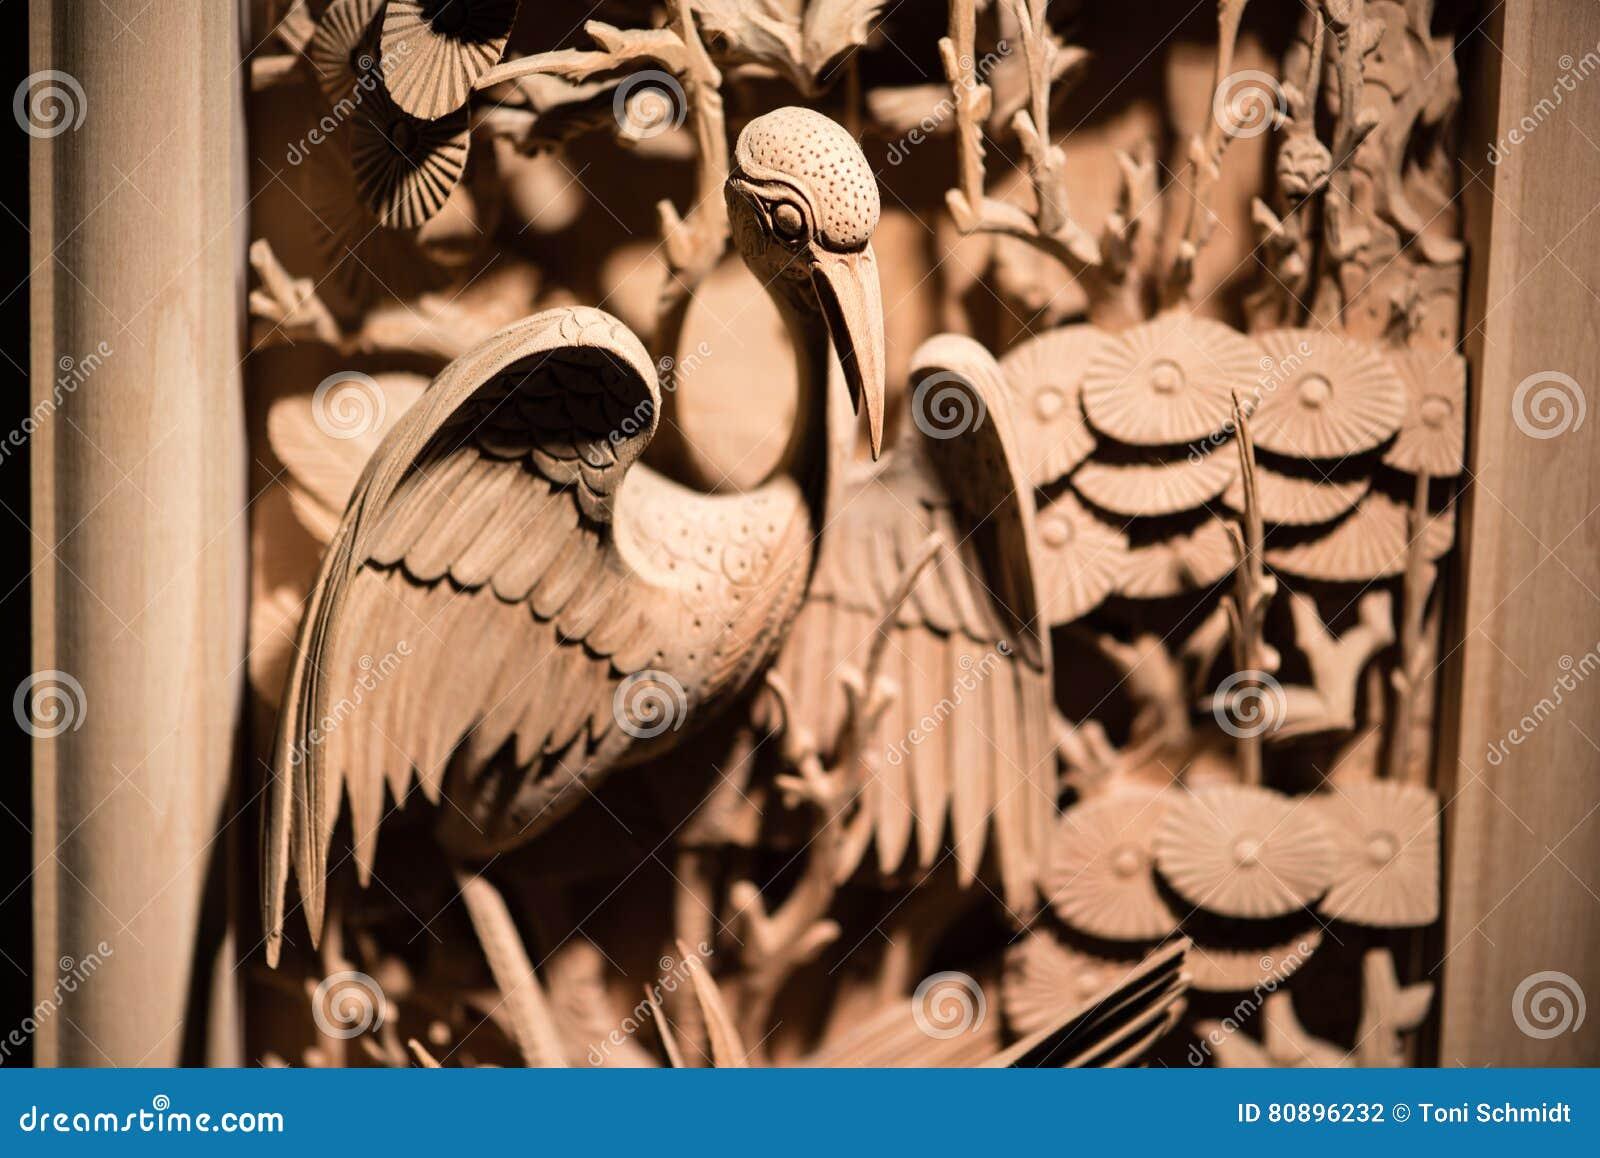 Woodcarving традиционного китайския птицы